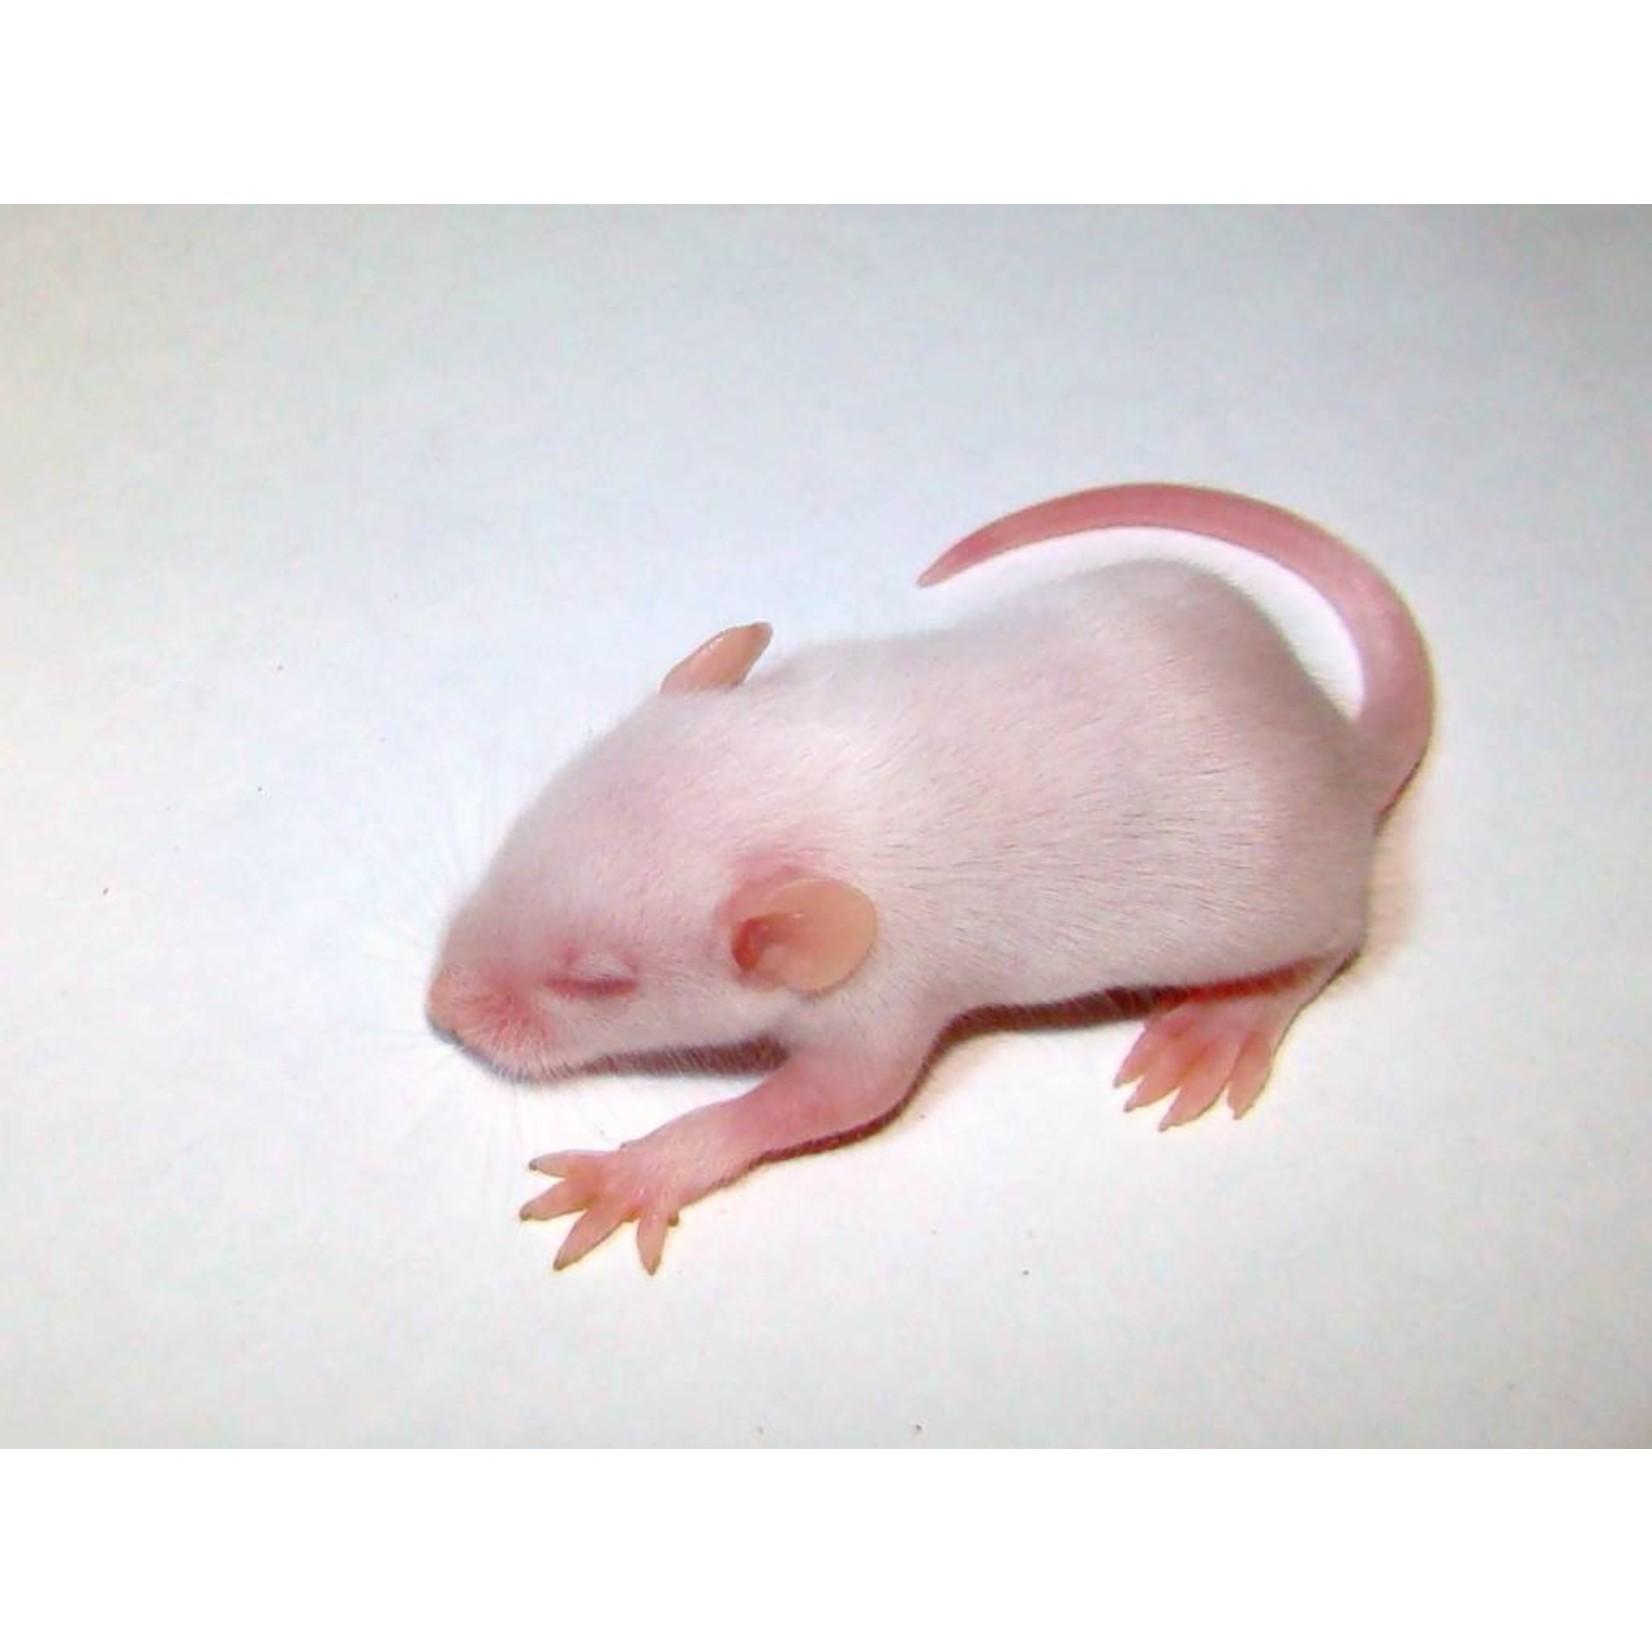 5 Frozen Fuzzy Mice